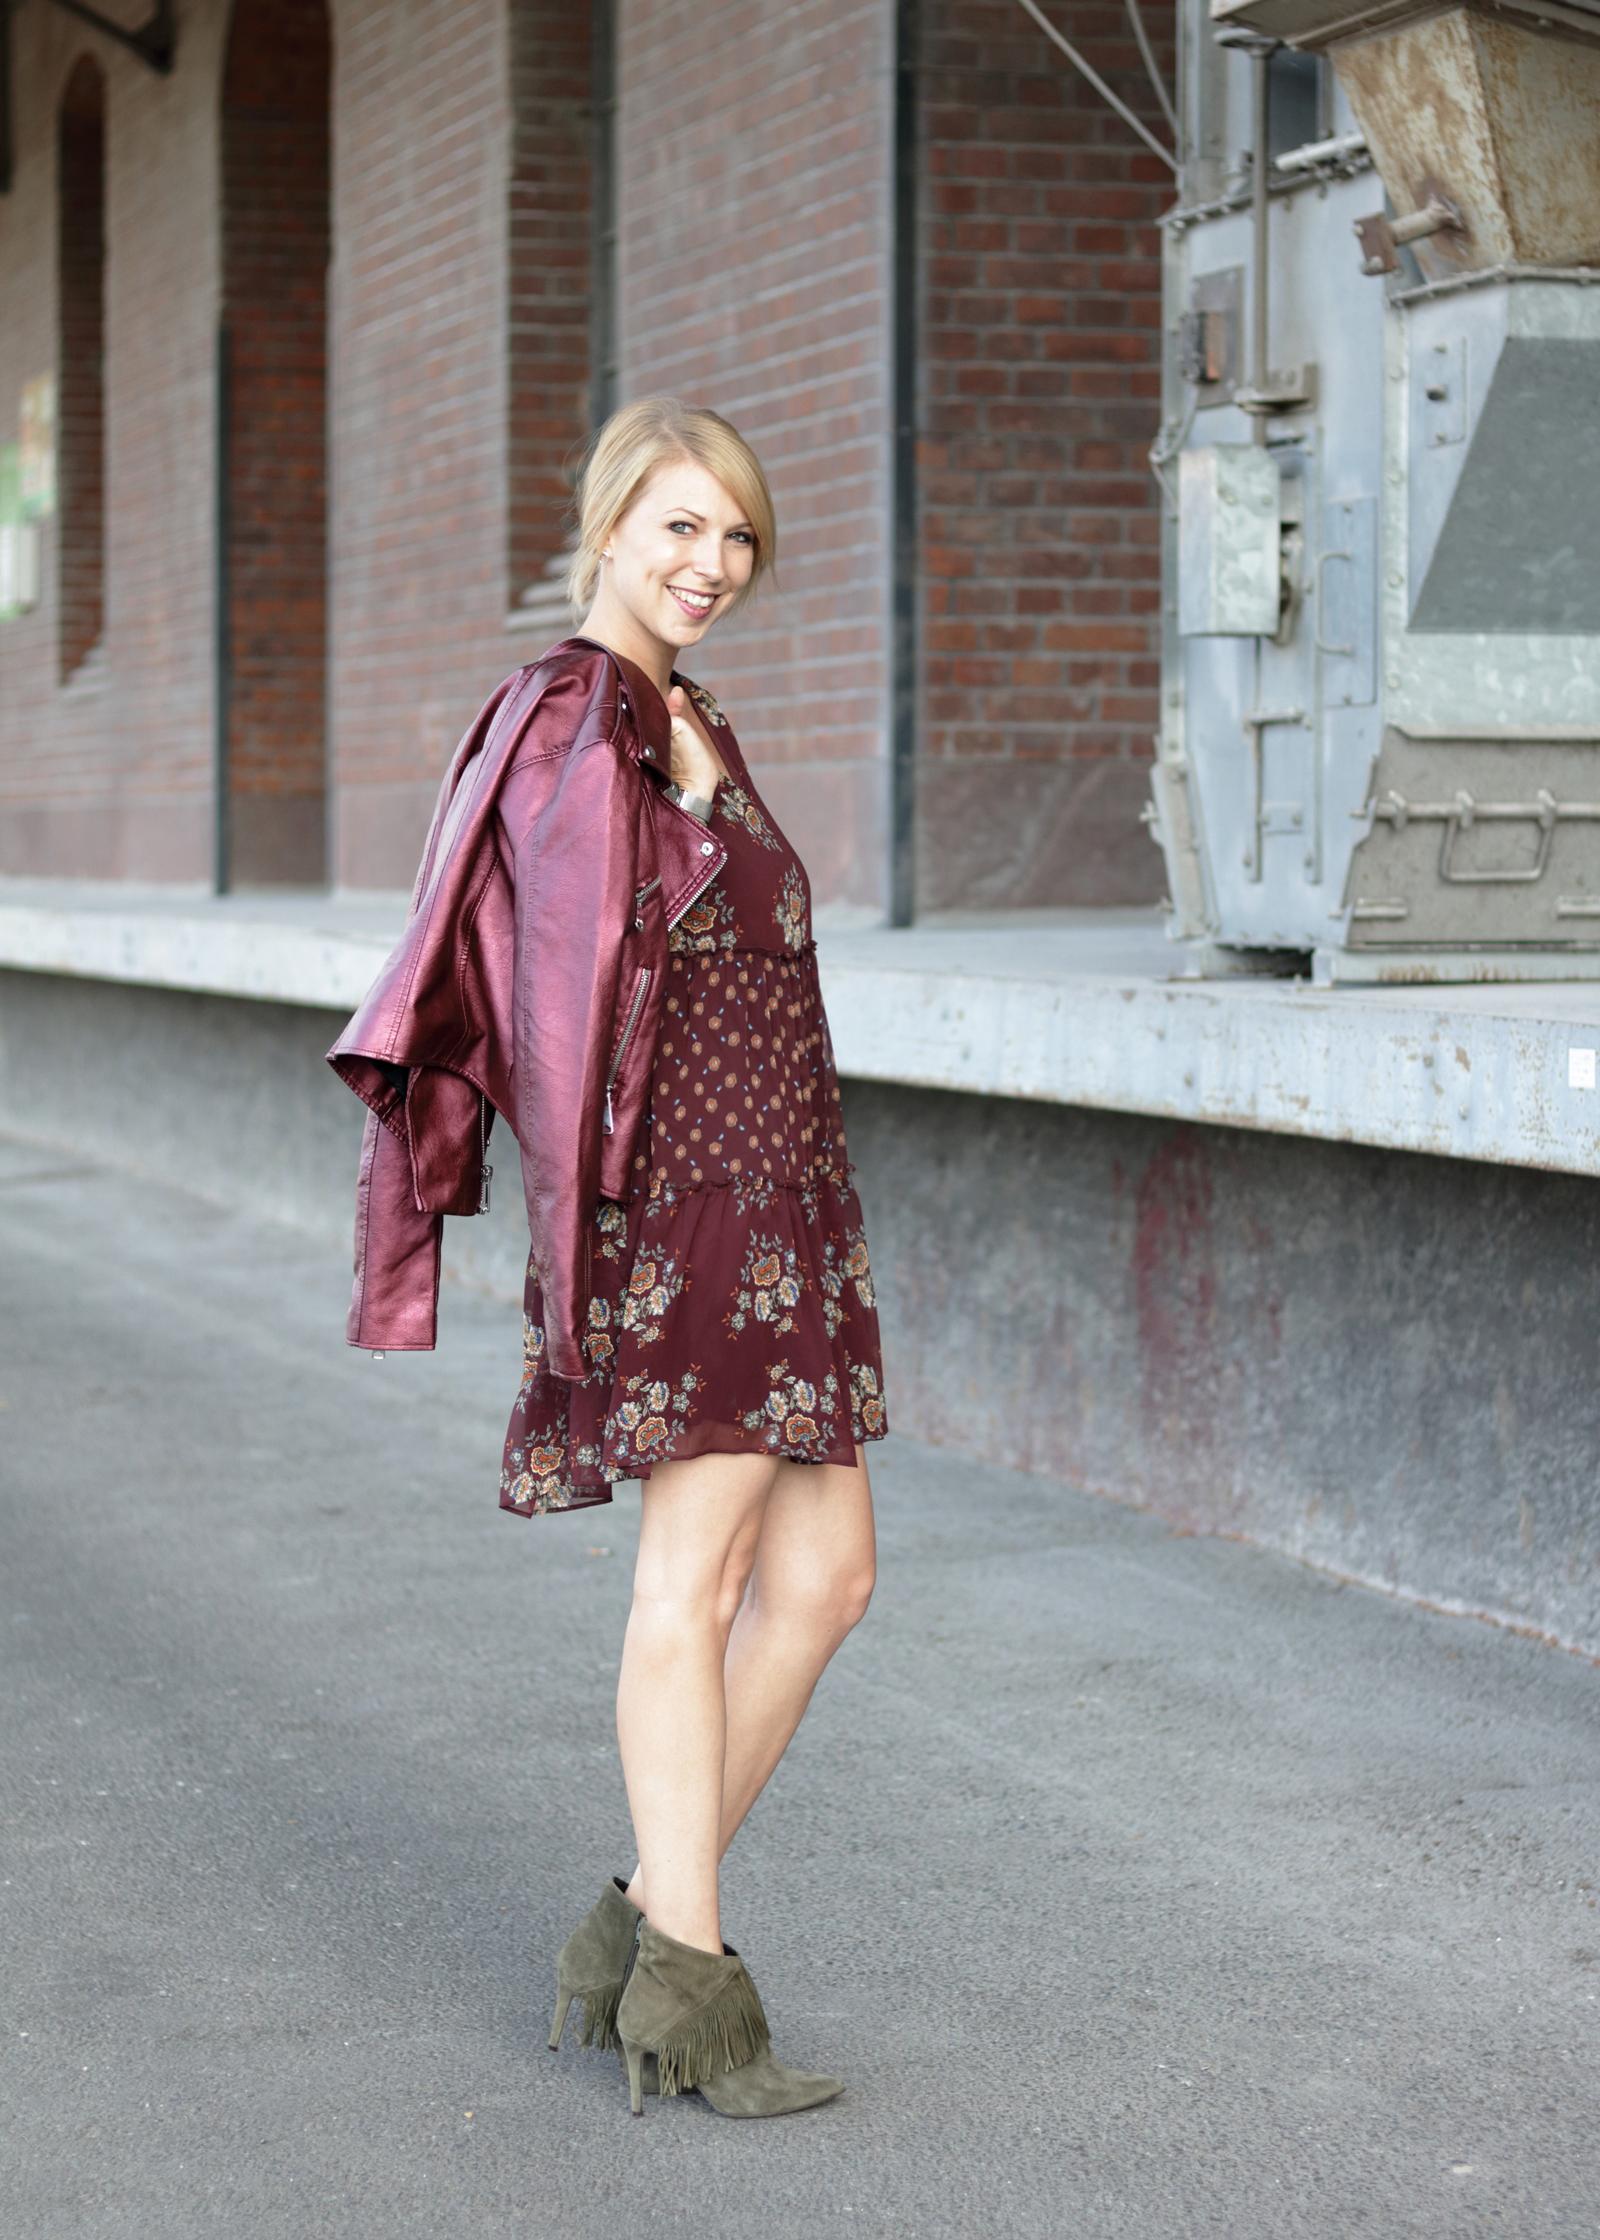 Großartig Stiefeletten Zum Kleid Ideen Von Outfit Lederjacke Metallic Boho Mit Fransen Purpur